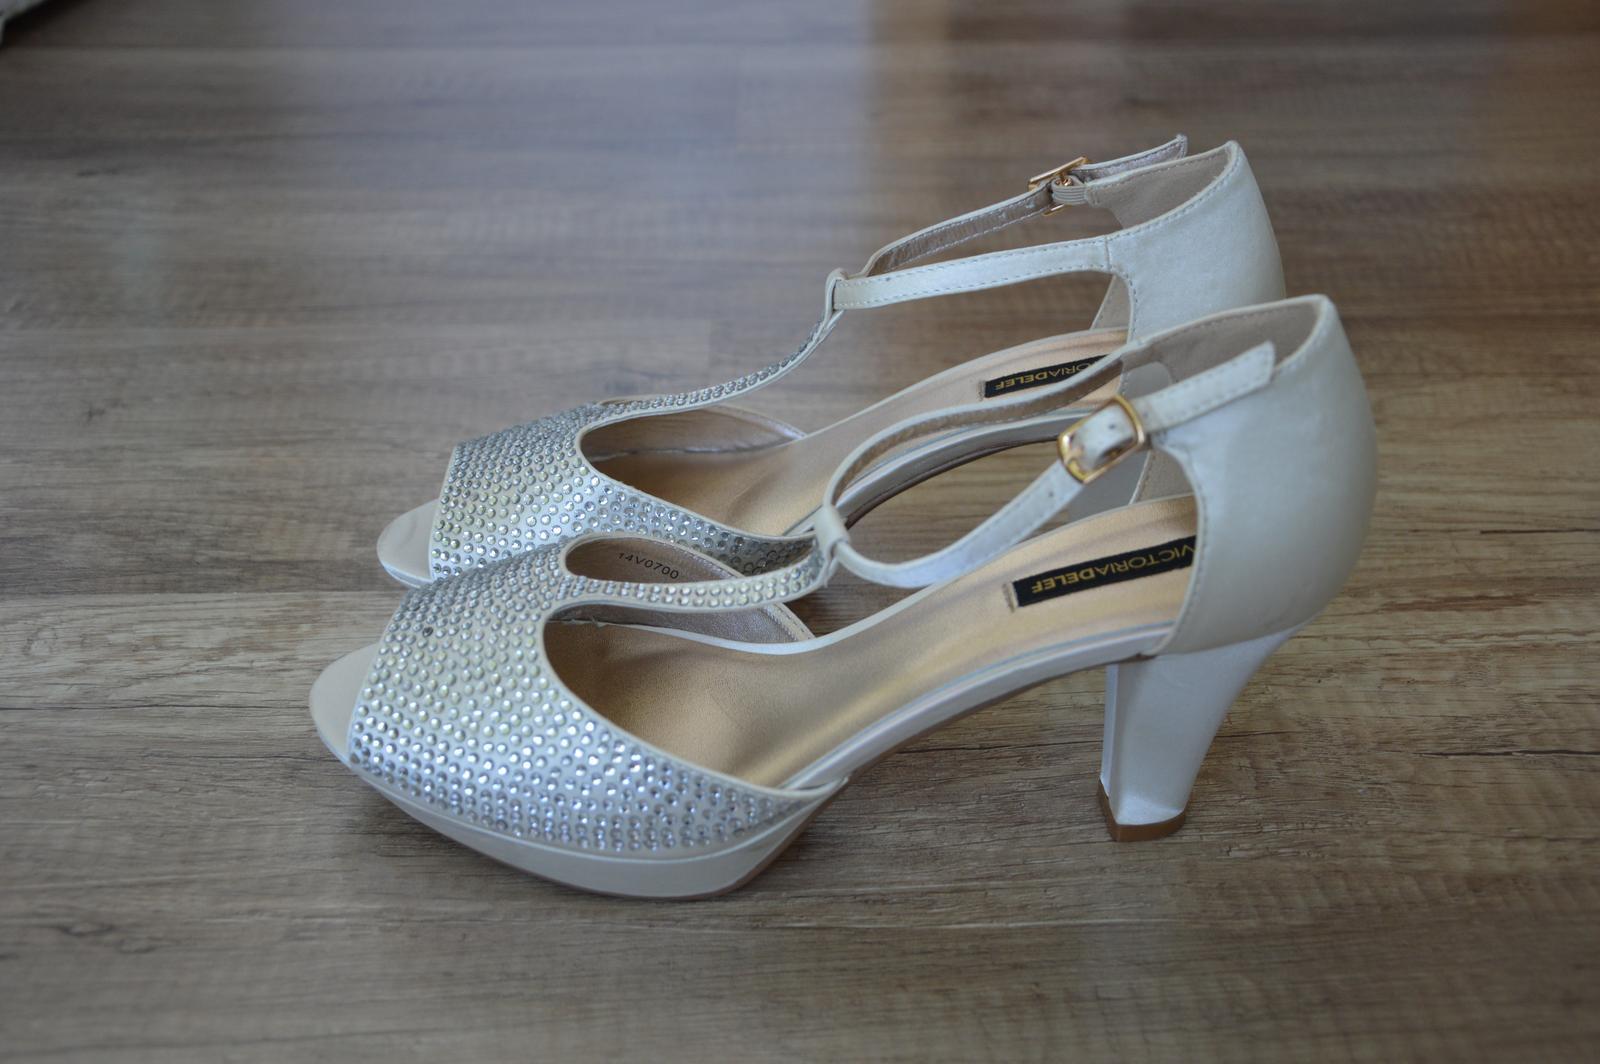 Svatební boty s kamínky - Obrázek č. 1